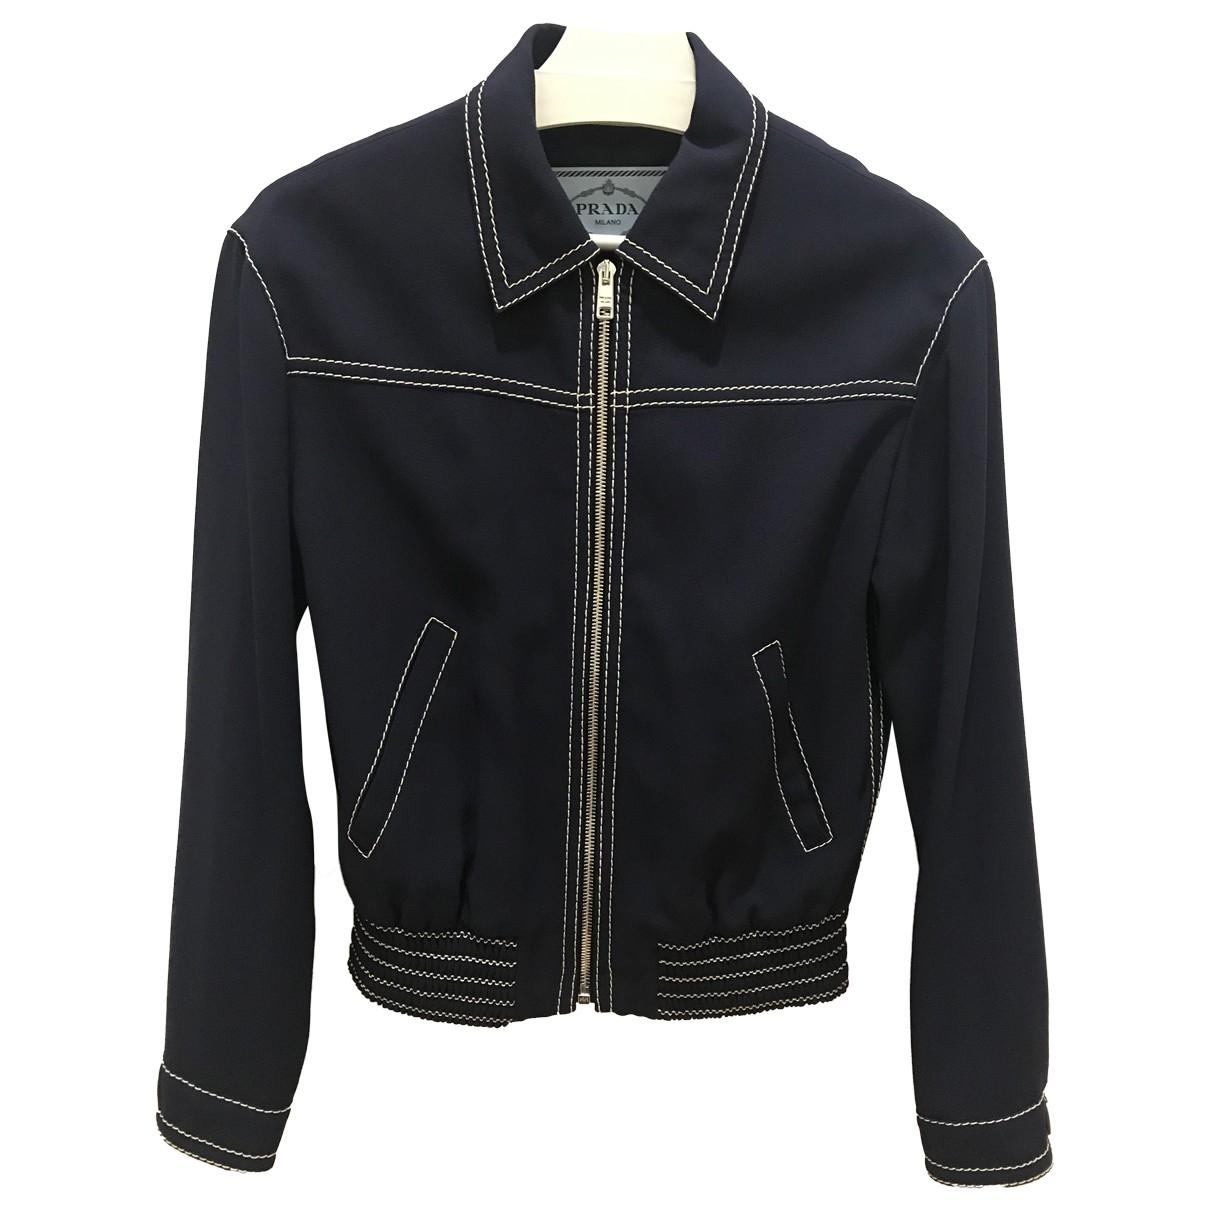 Prada \N Blue jacket for Women 38 IT